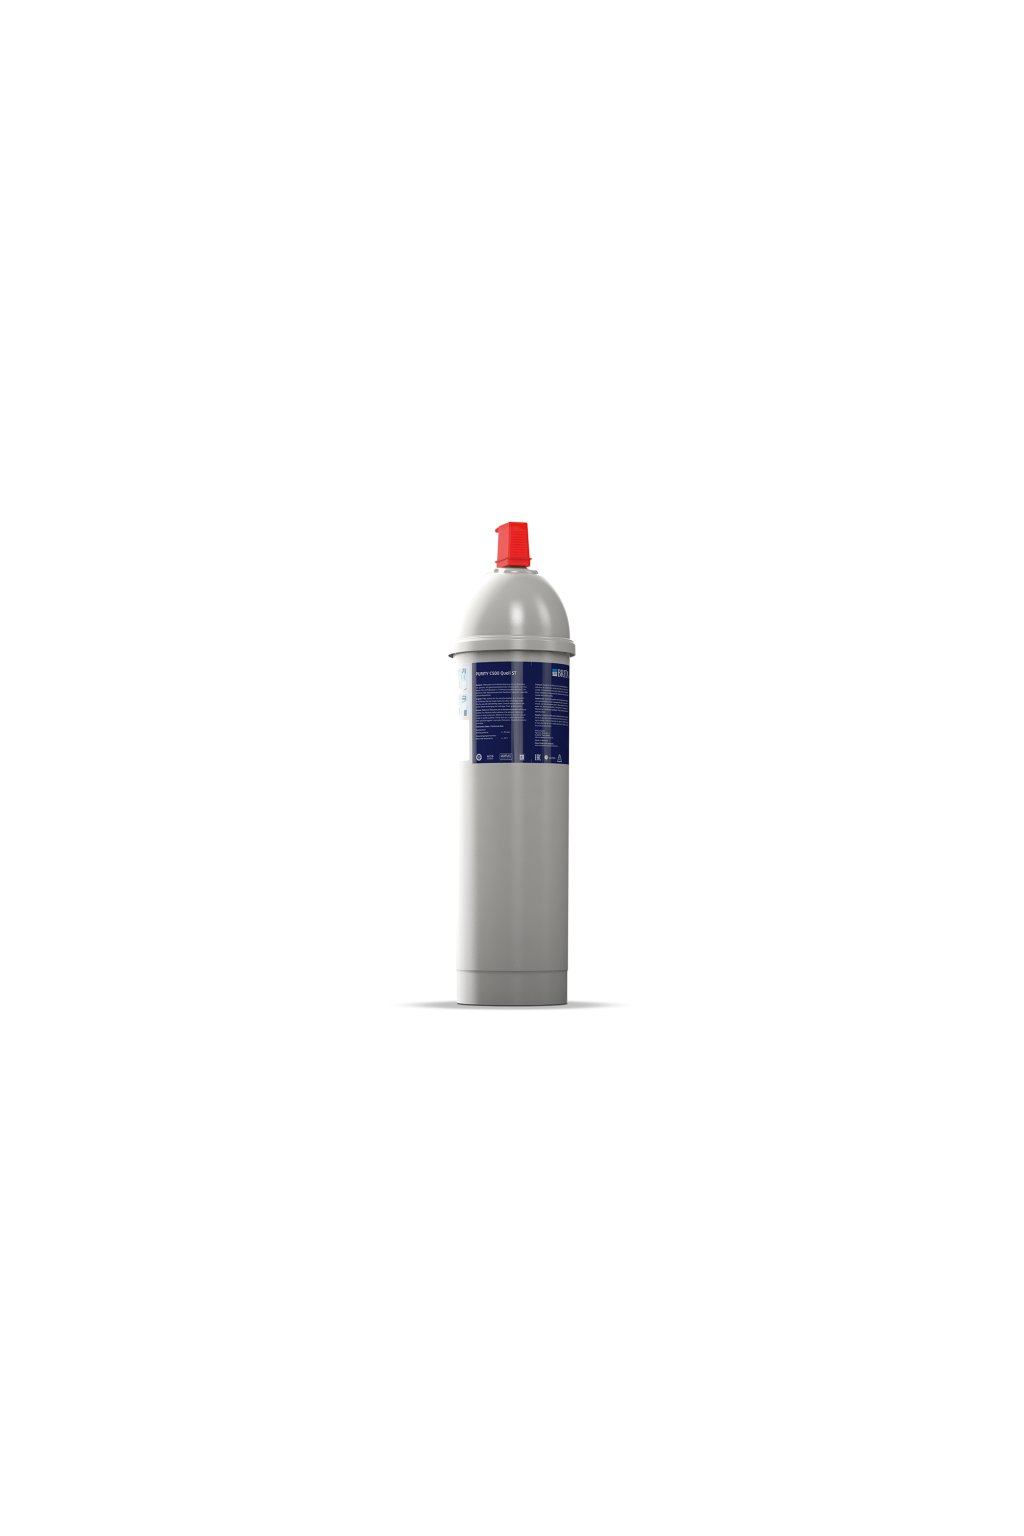 brita filter purity c quell st c500